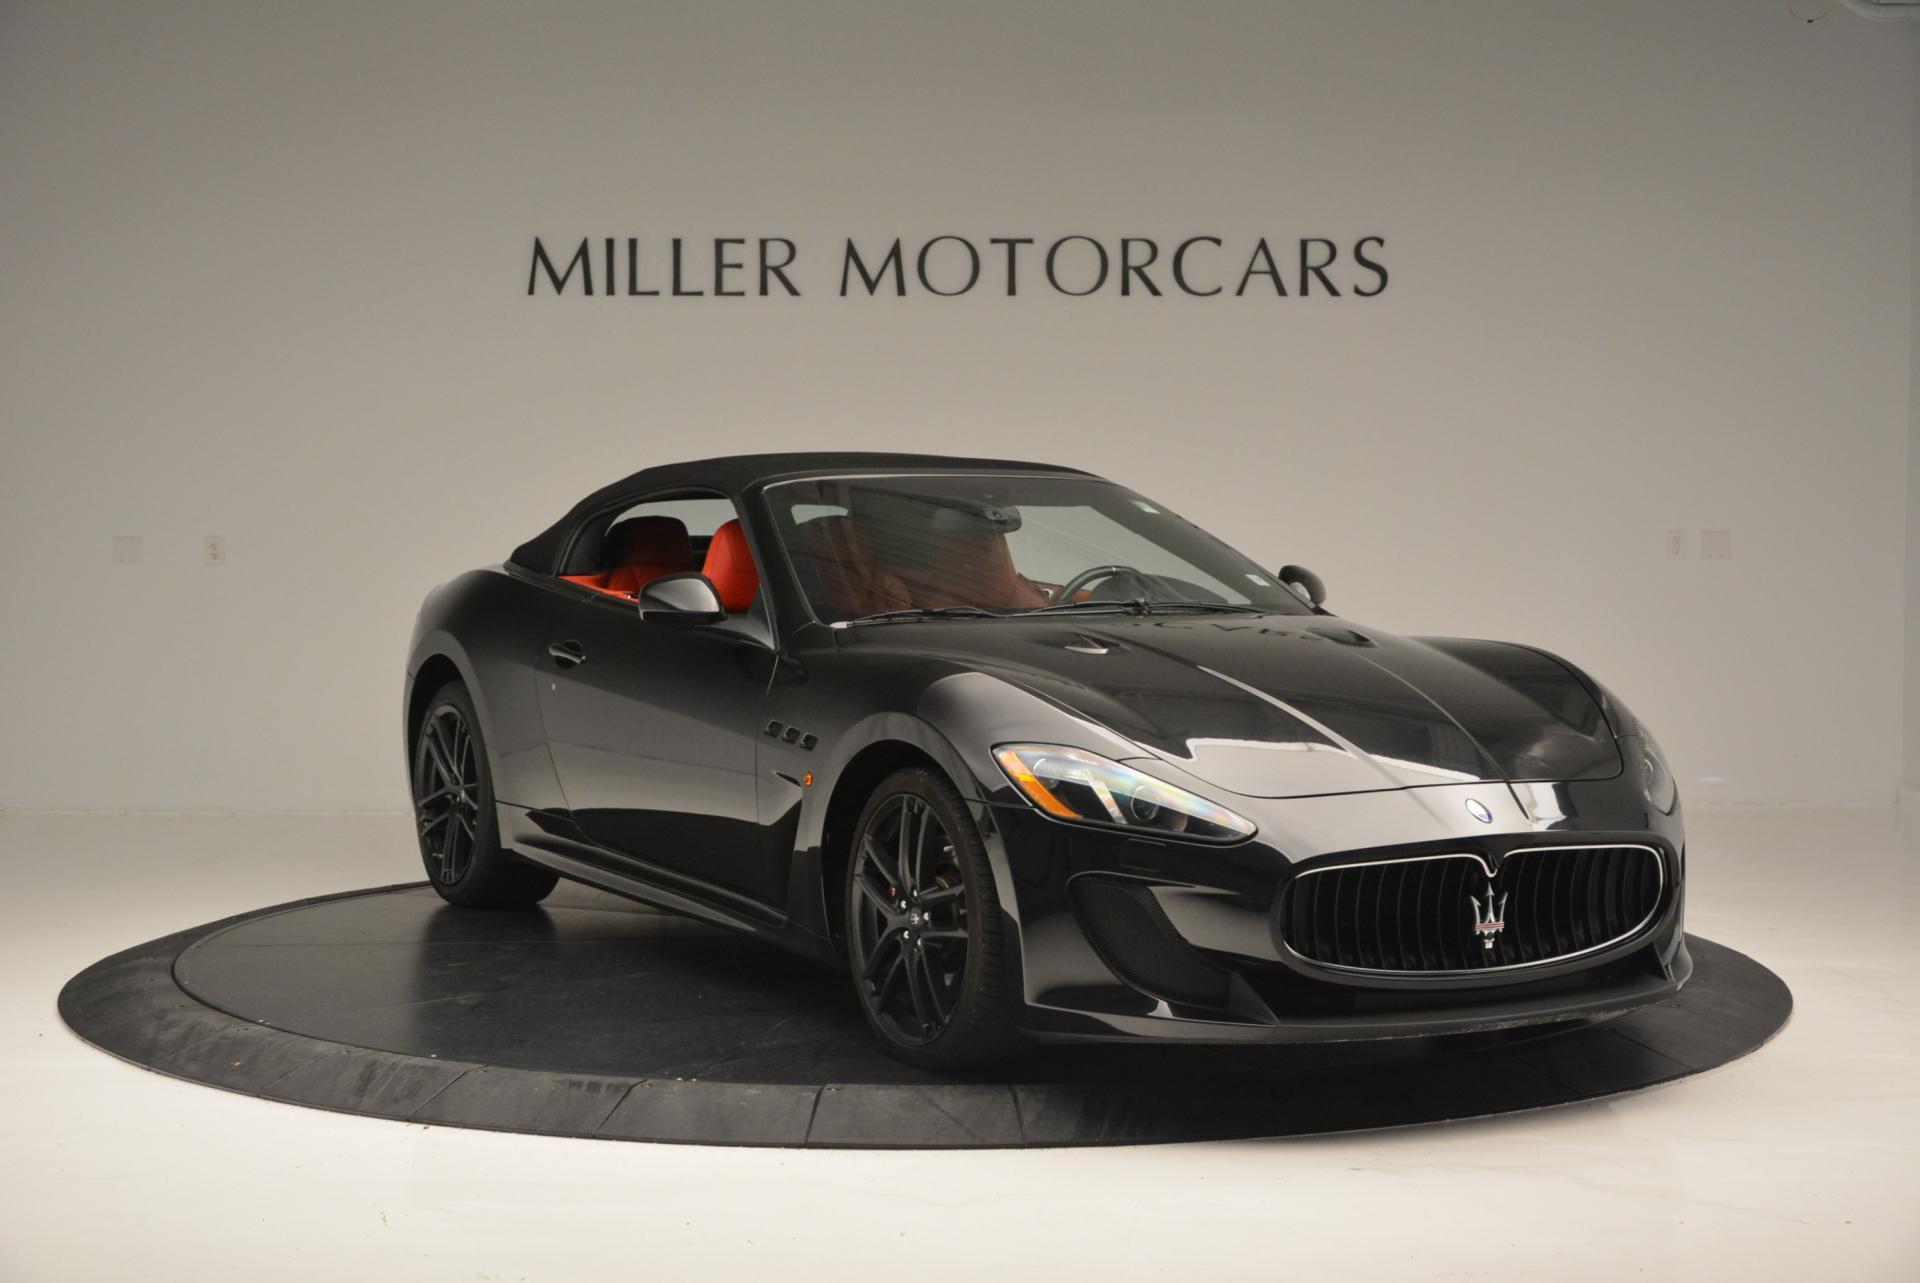 Used 2013 Maserati GranTurismo MC For Sale In Greenwich, CT. Alfa Romeo of Greenwich, 7081 521_p18